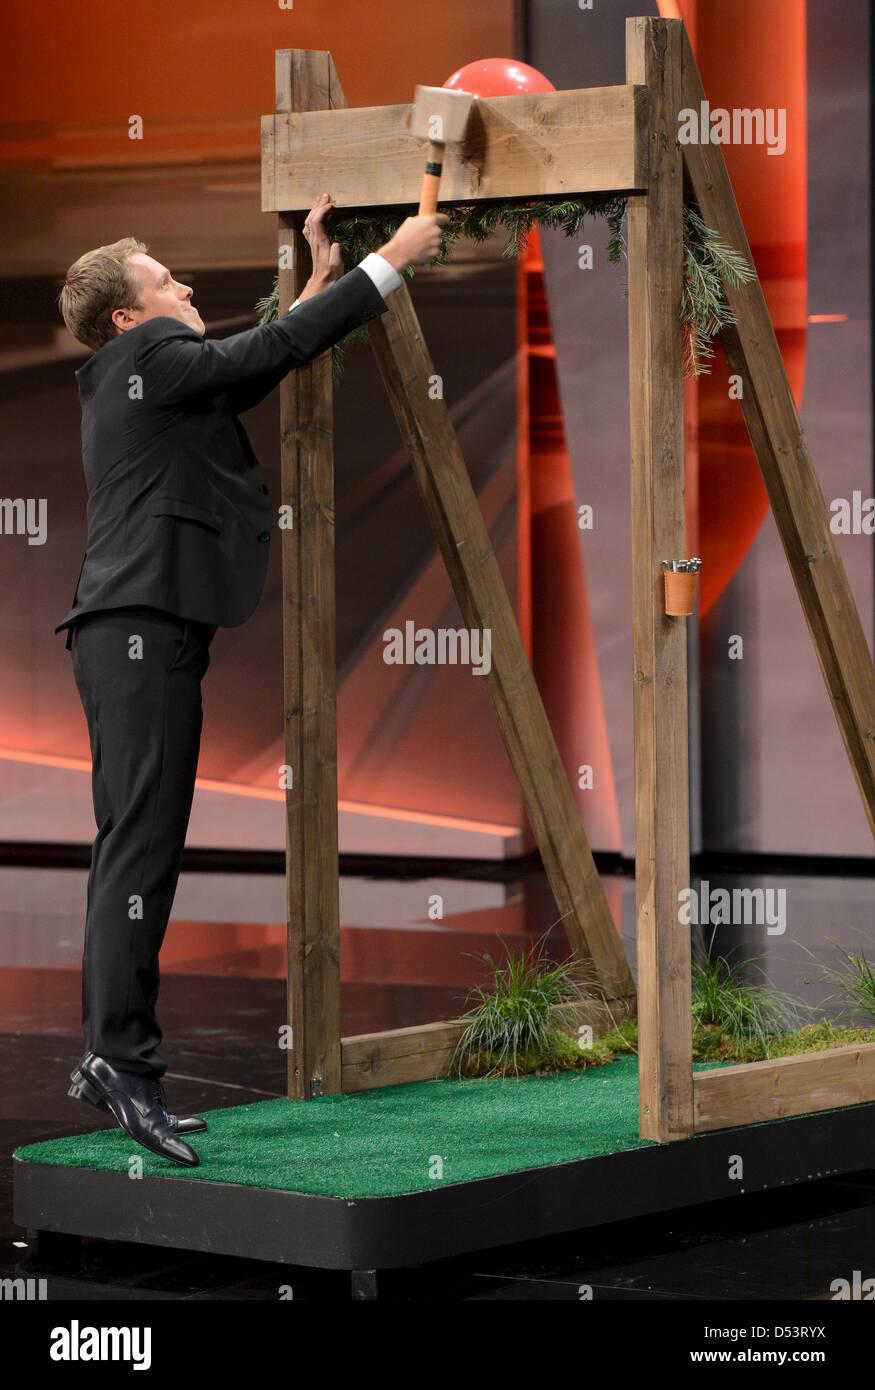 """HANDOUT- Komiker Oliver Pocher tritt in der Sendung """"Wetten, dass..?"""" am 23.03.2013 in Wien auf. Foto: Sascha Baumann/ZDF Stock Photo"""